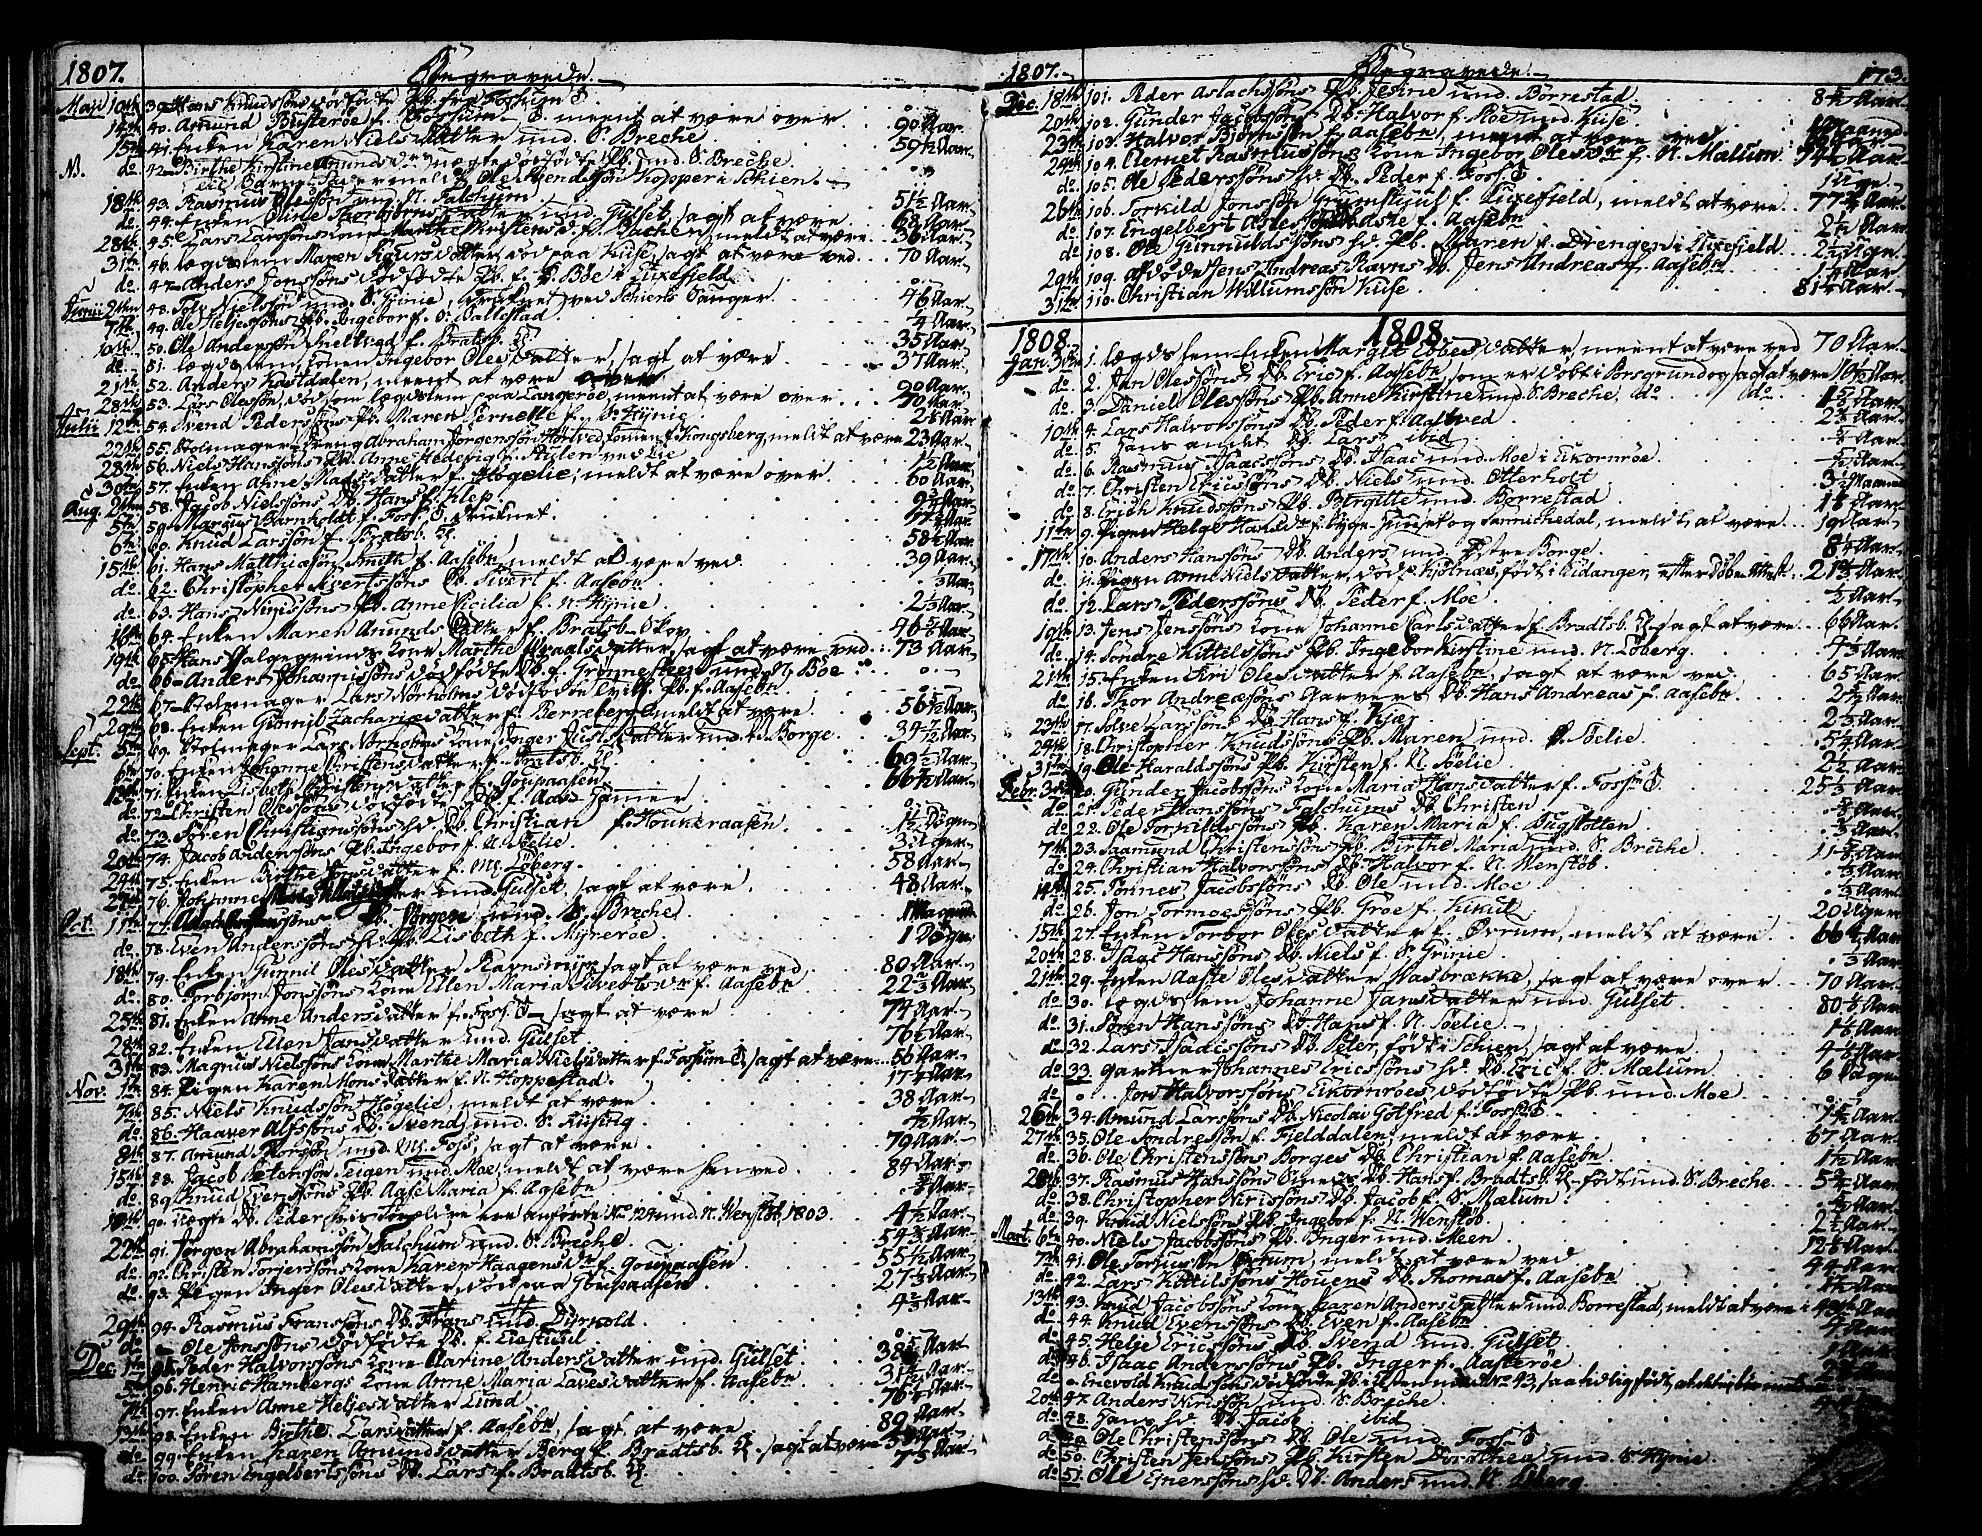 SAKO, Gjerpen kirkebøker, F/Fa/L0003: Ministerialbok nr. 3, 1796-1814, s. 173